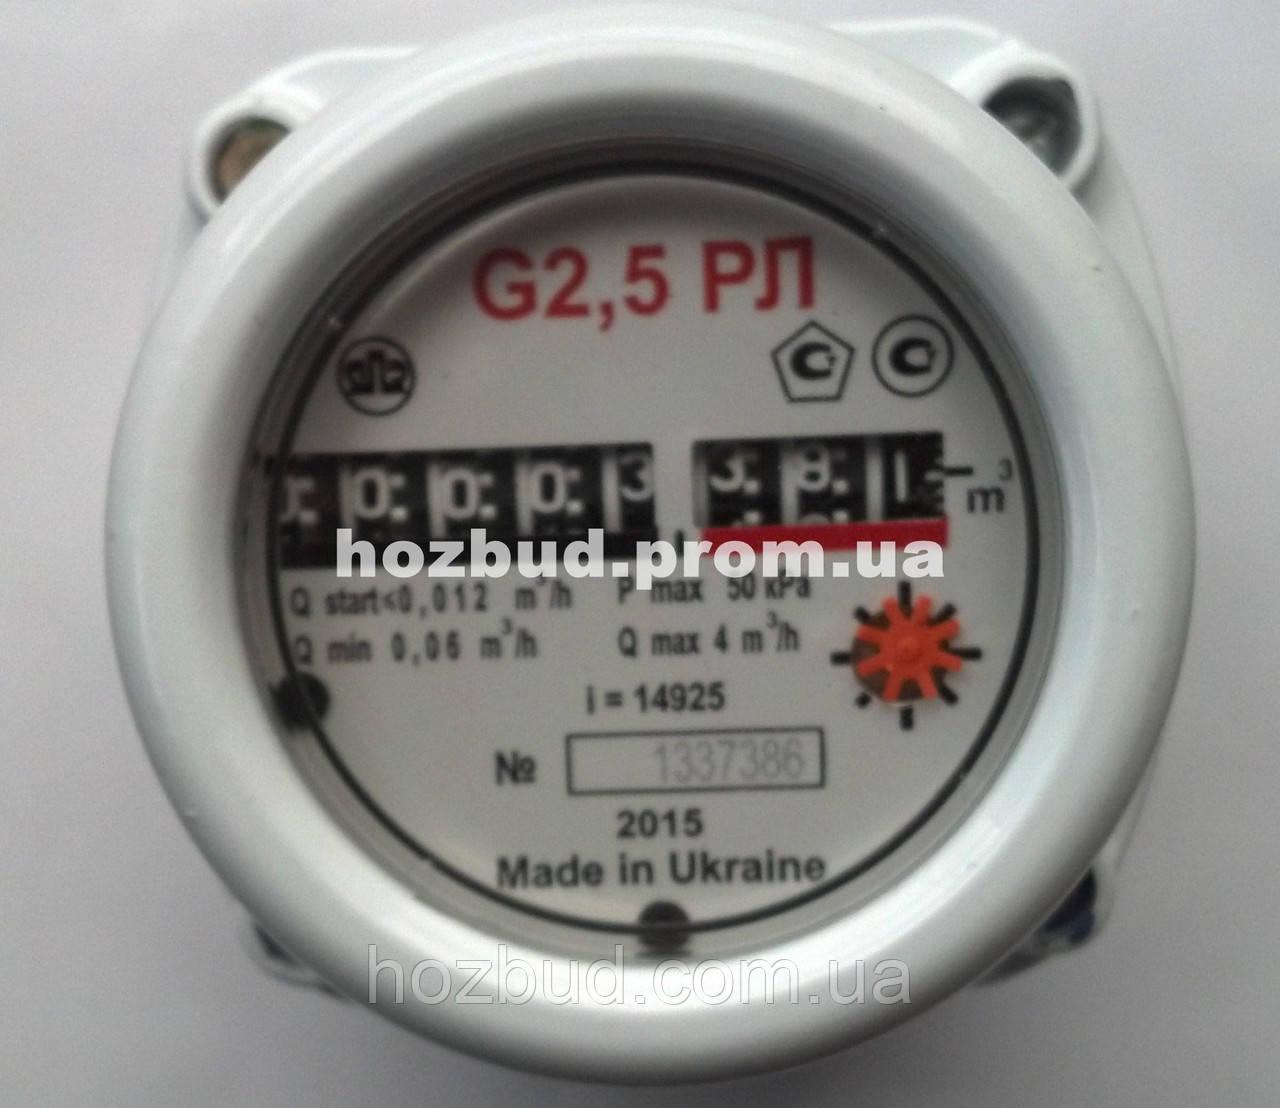 Газовый счетчик роторный Ямполь G2.5